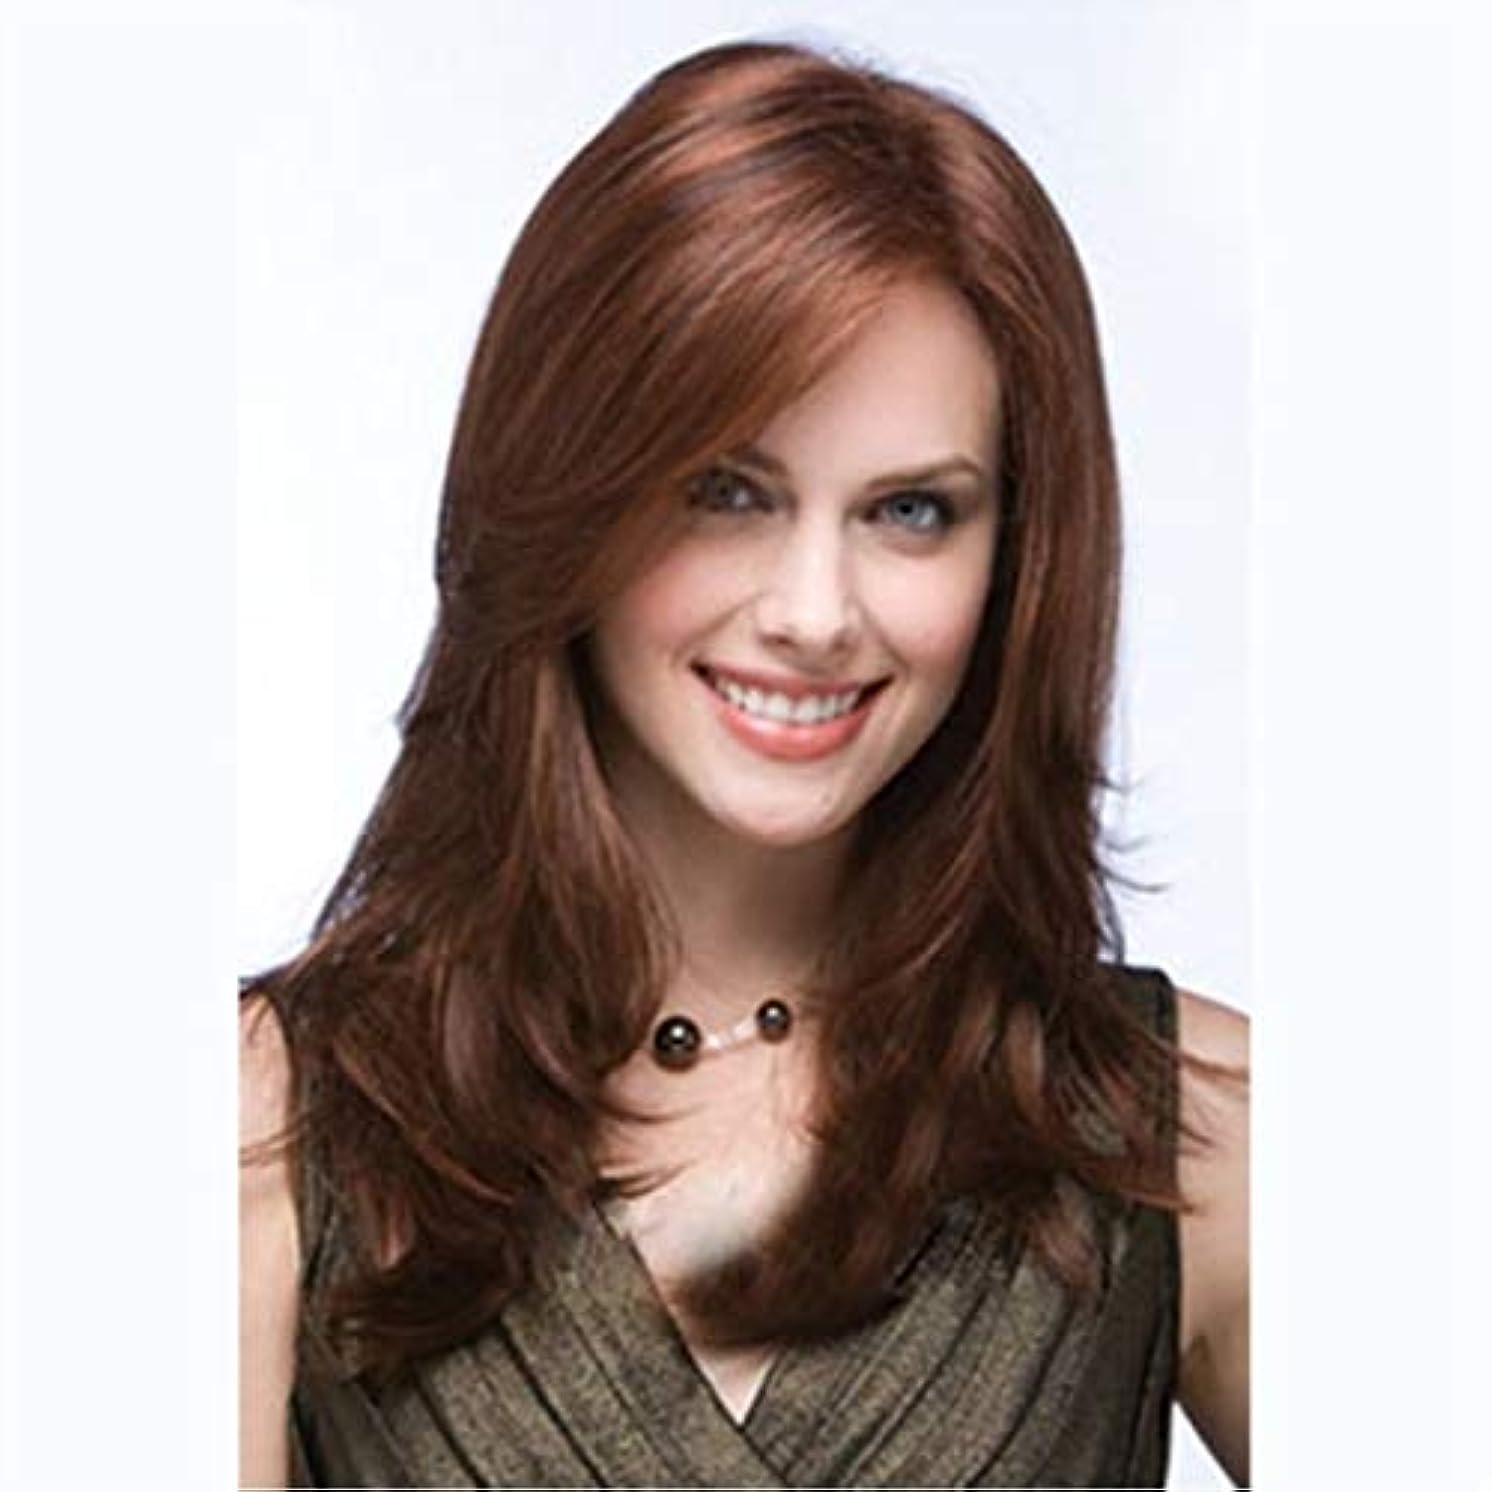 チップスプリットなめらかKerwinner かつら斜め前髪ブラウンロングカーリーヘアーロングナチュラルウェーブミドルパート合成かつら用女性耐熱性